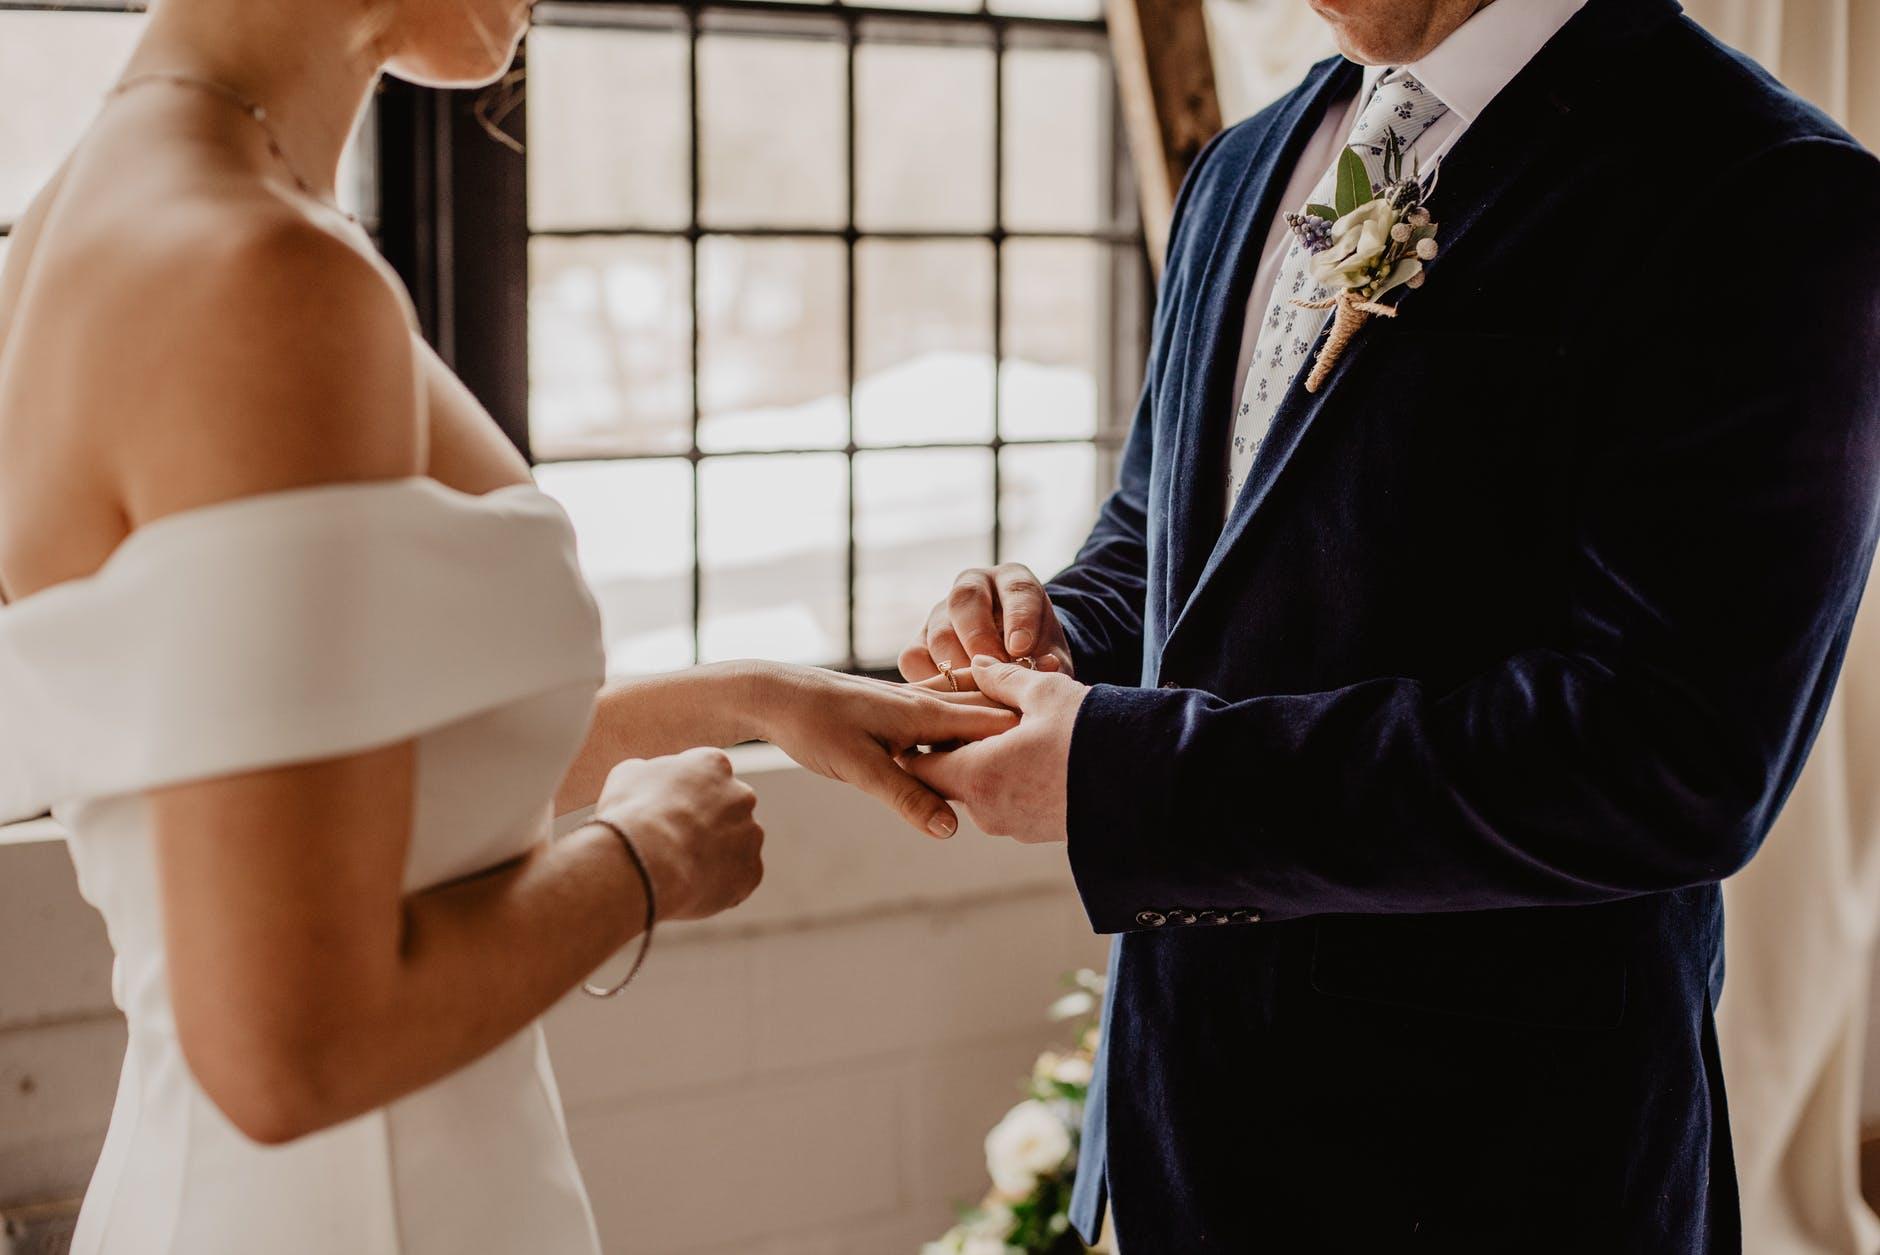 Hochzeitsplaner Ausbildung – Wie kann ich Hochzeitsplaner werden?